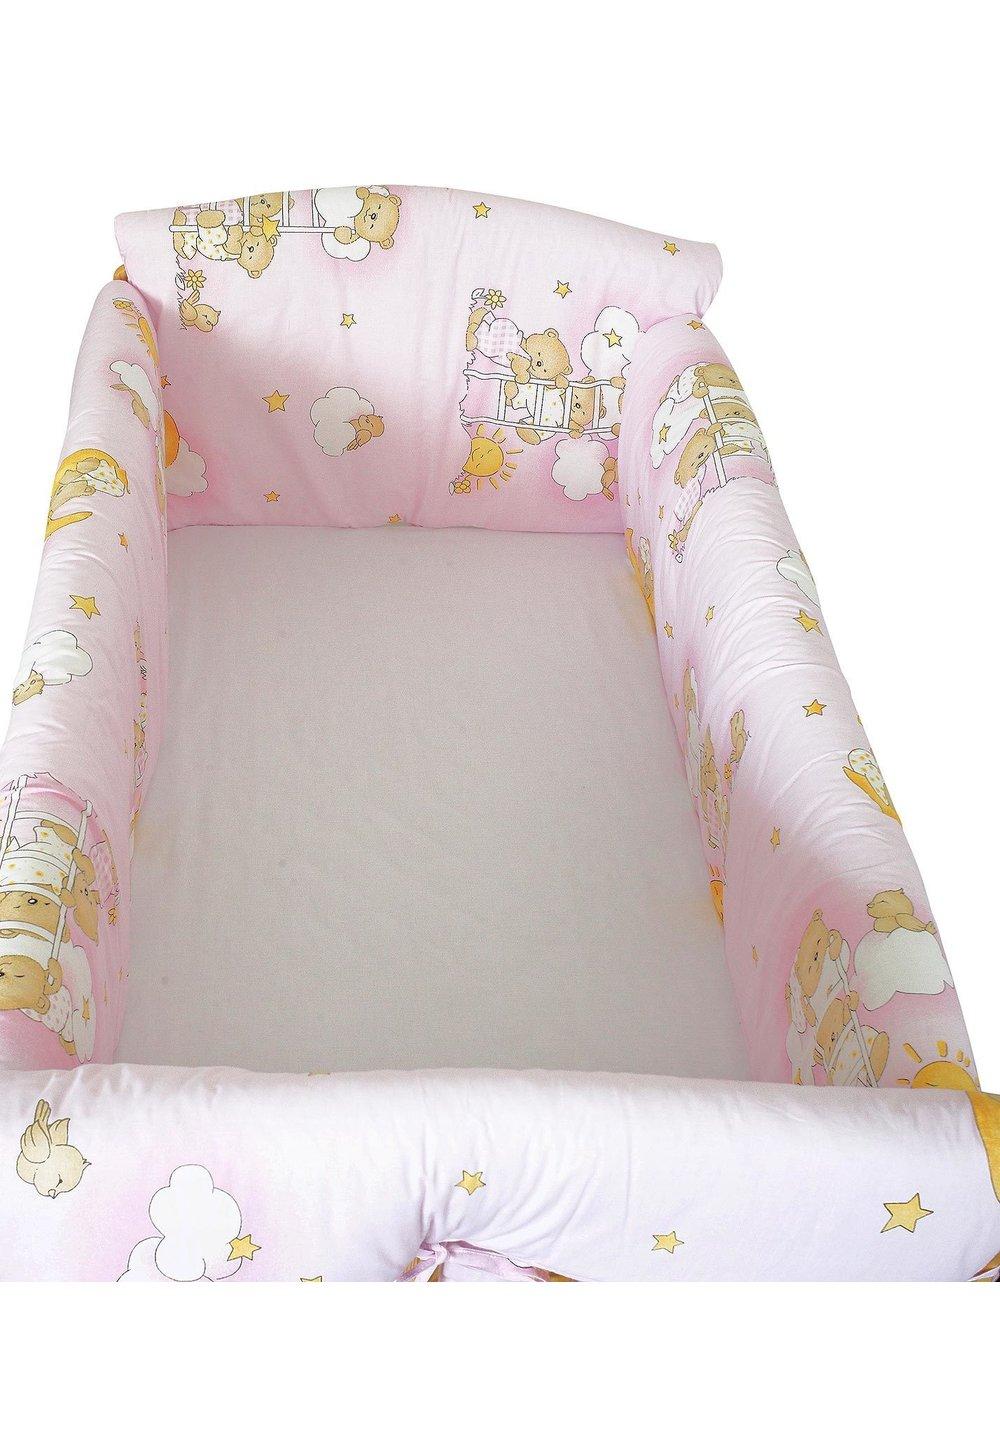 Lenjerie patut 7 piese, Maxi, ursuletul somnoros roz, 120x60 cm imagine